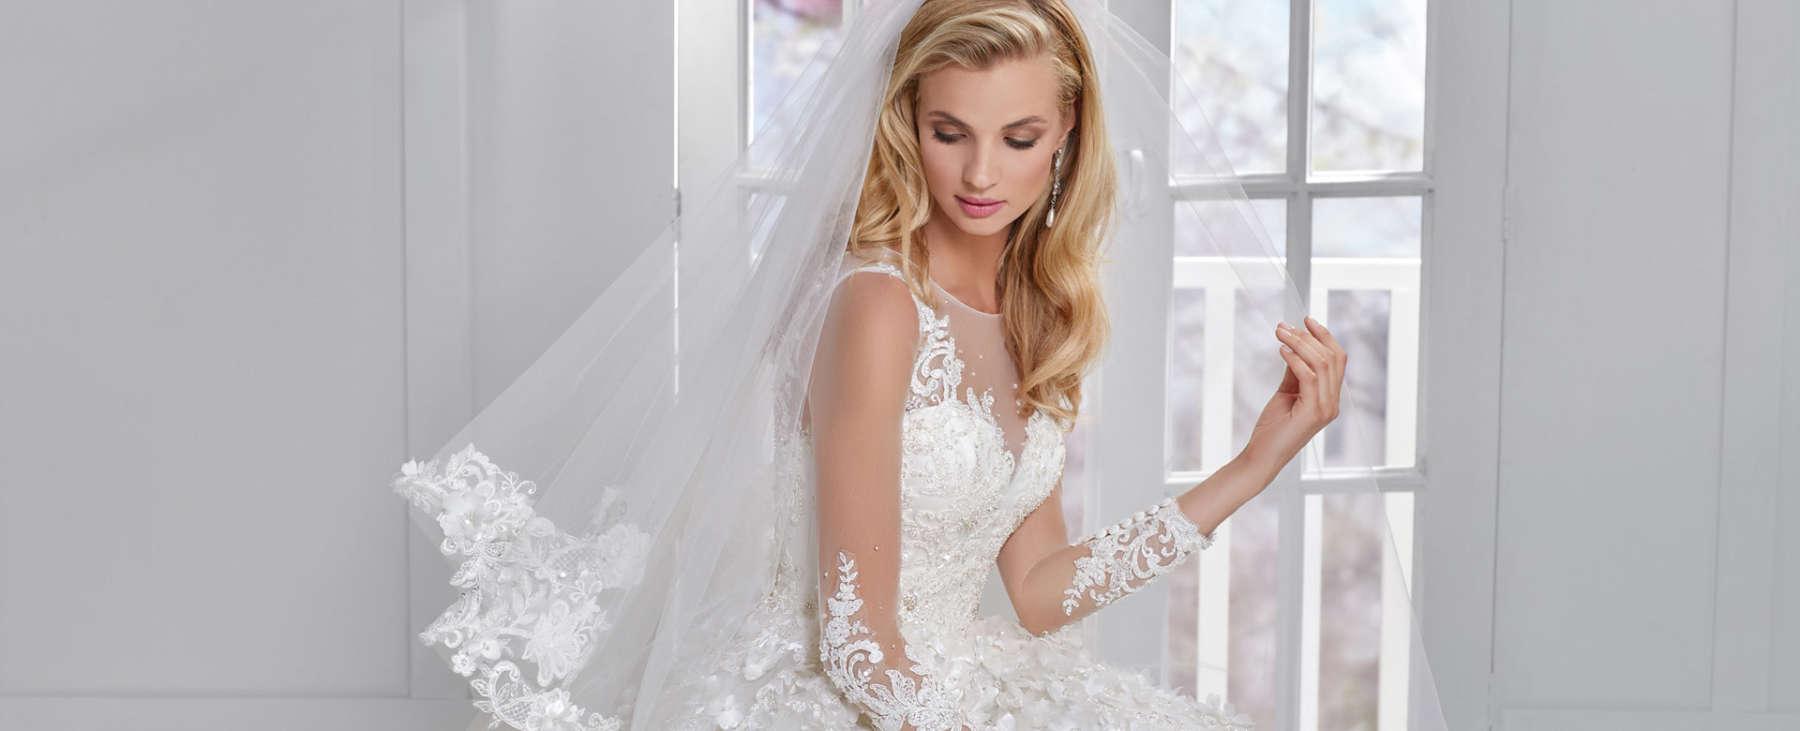 Свадебный салон в Киеве - ты достойна лучшего платья